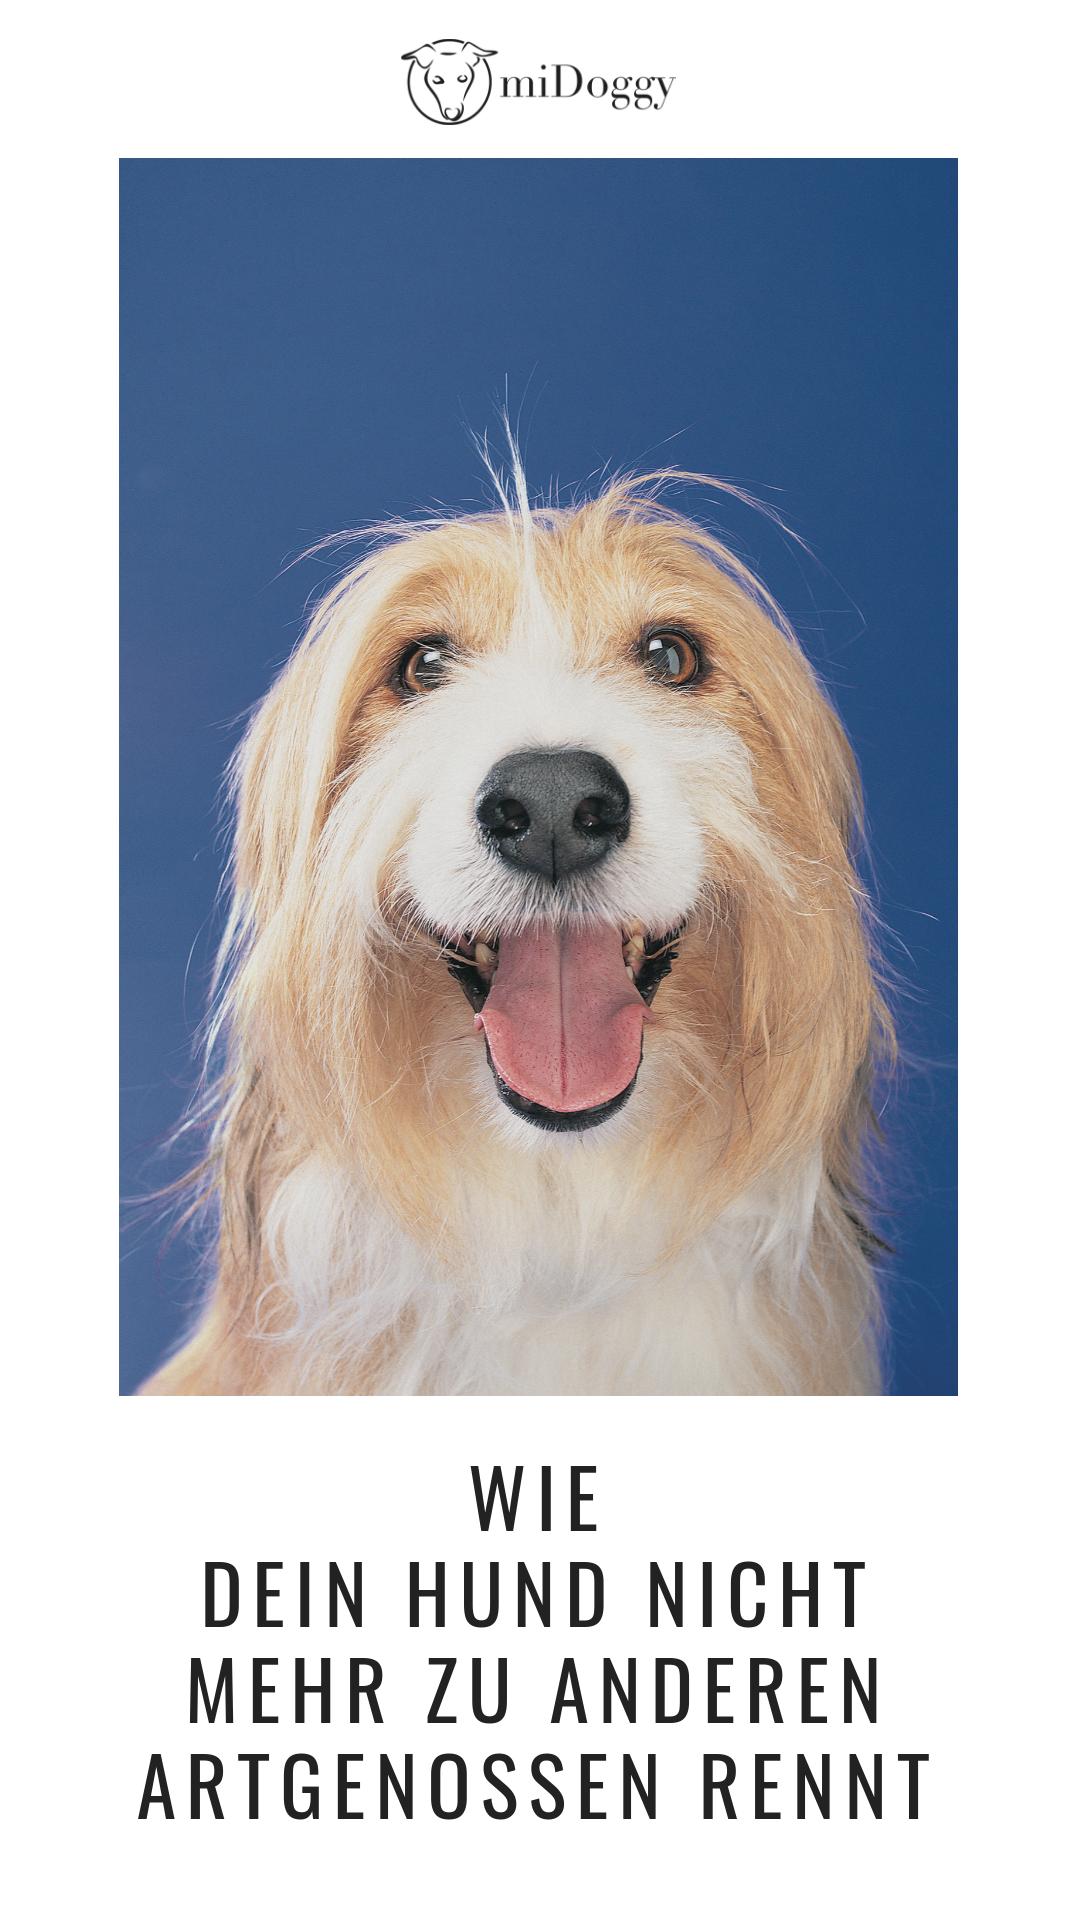 So Rennt Dein Hund Nicht Zu Anderen Midoggy Community Hunde Hundchen Training Hundetraining